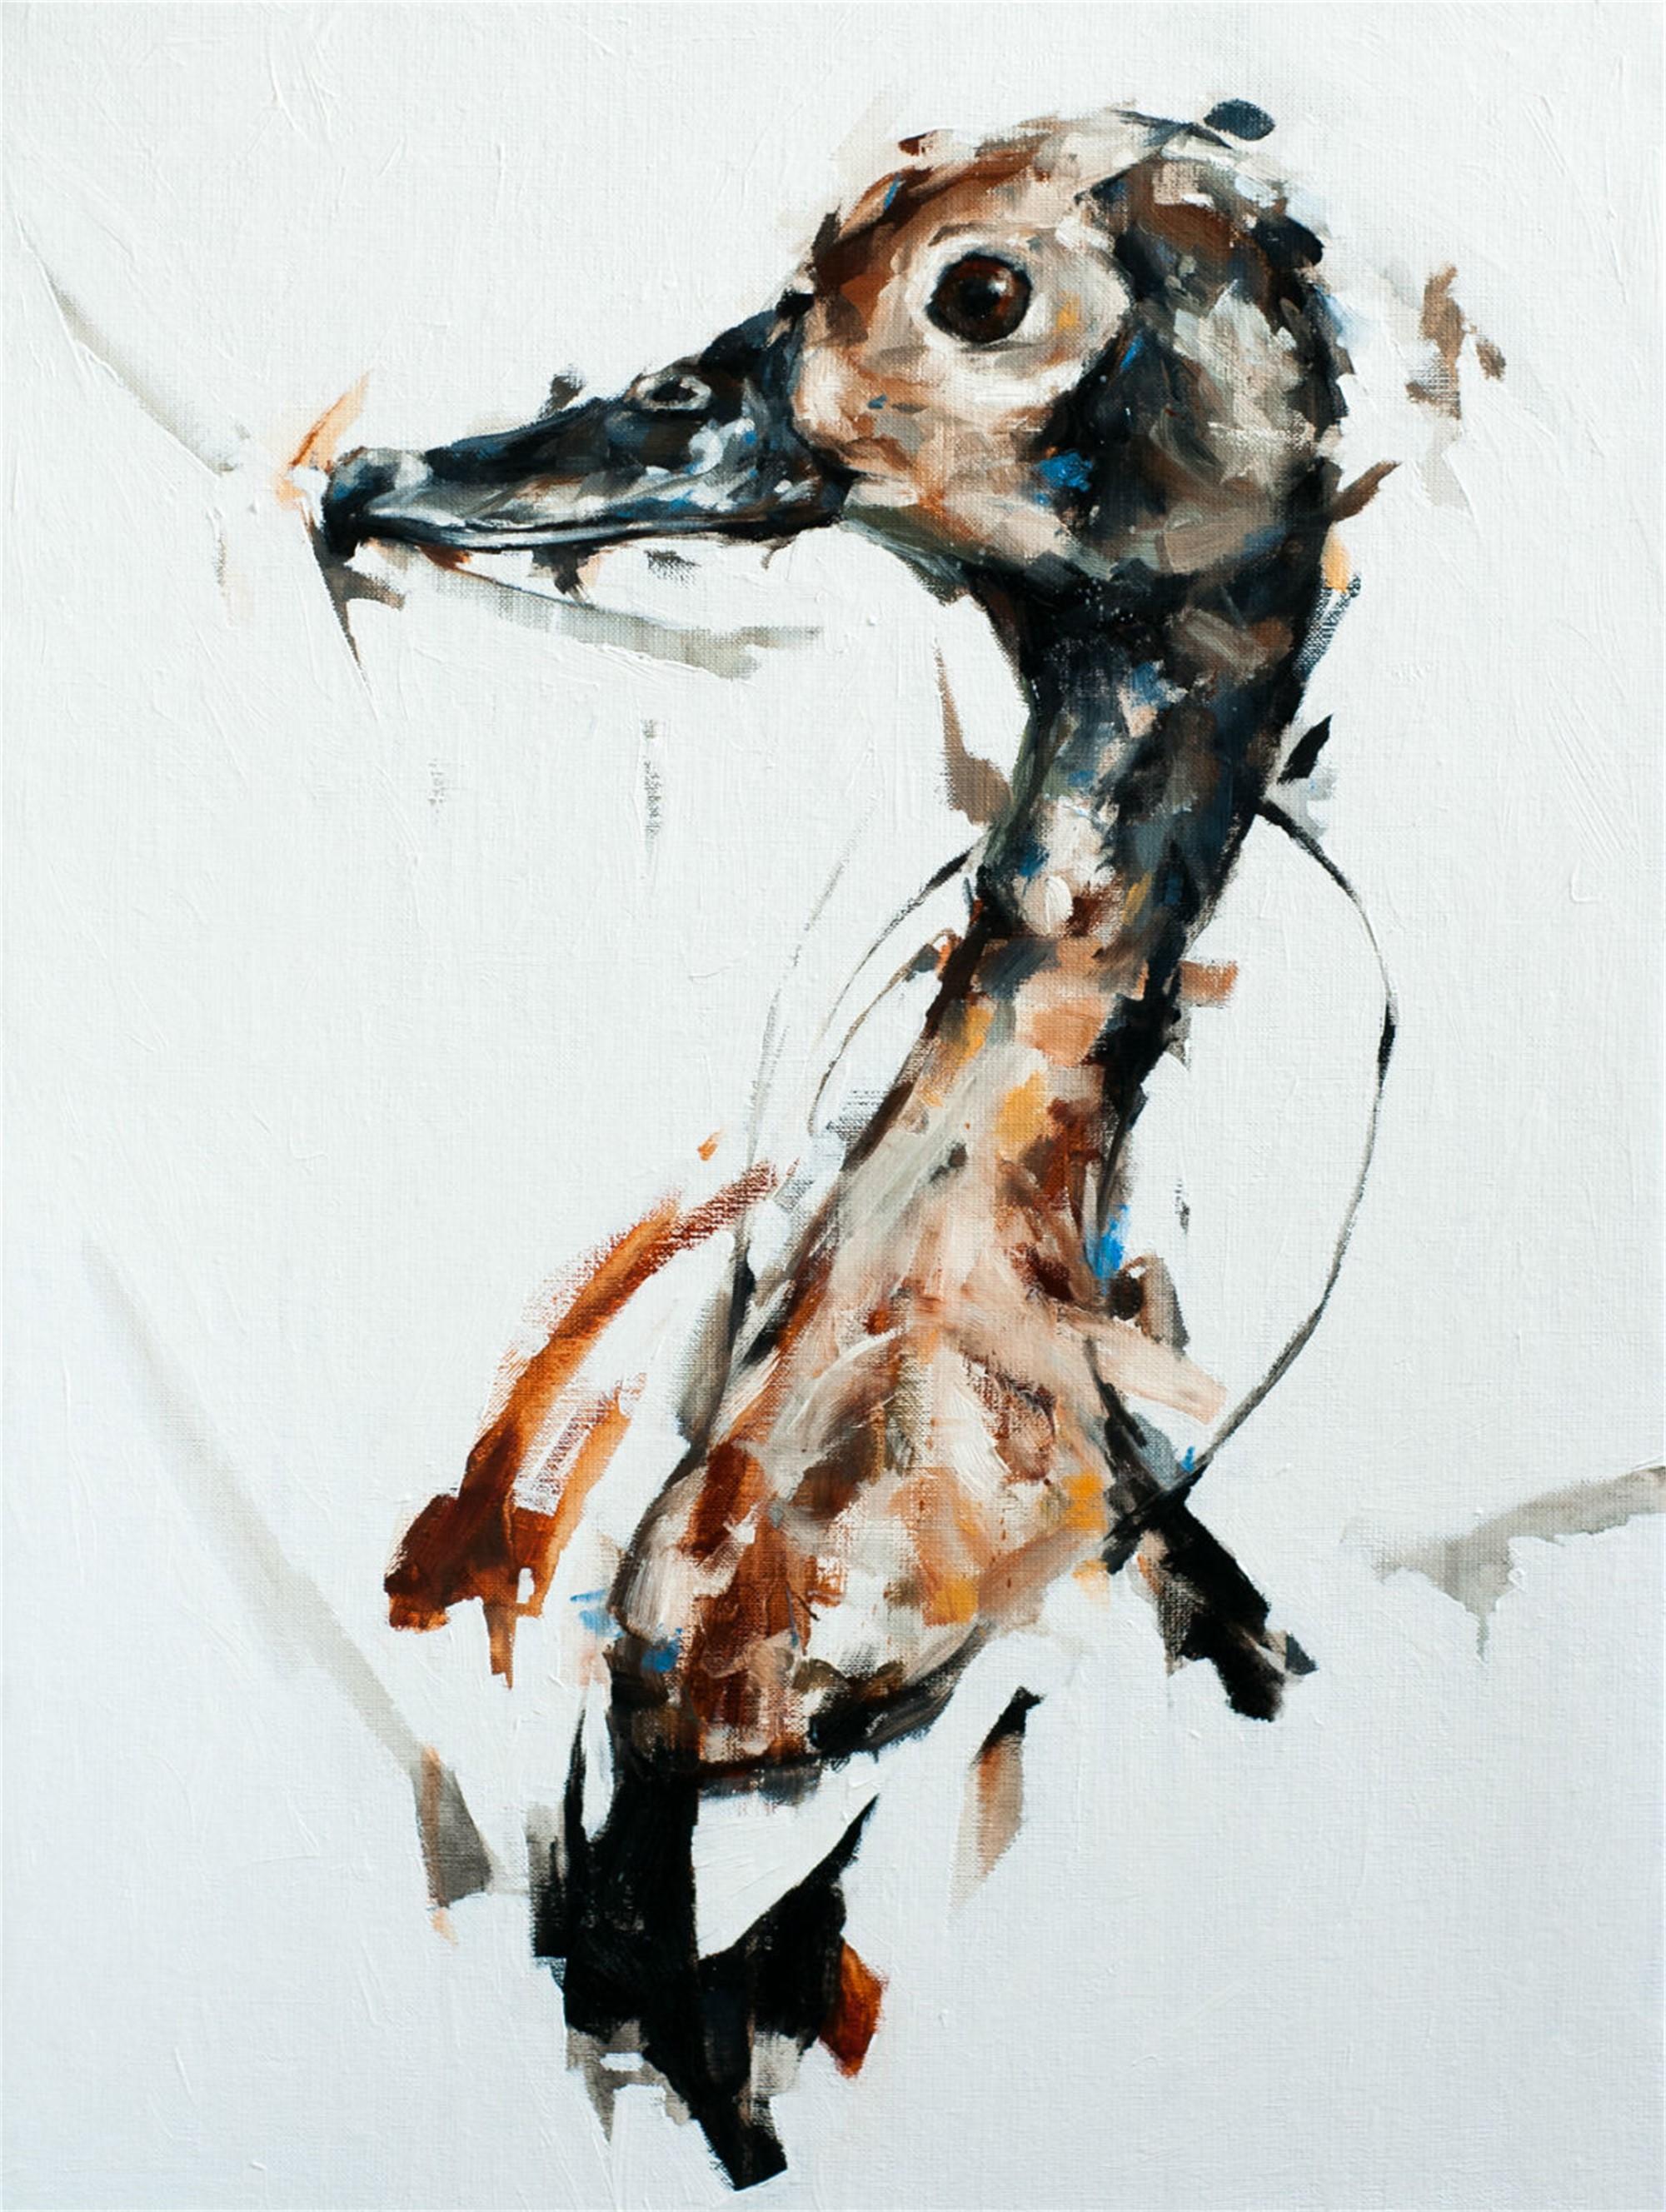 Duck by Thibault Jandot